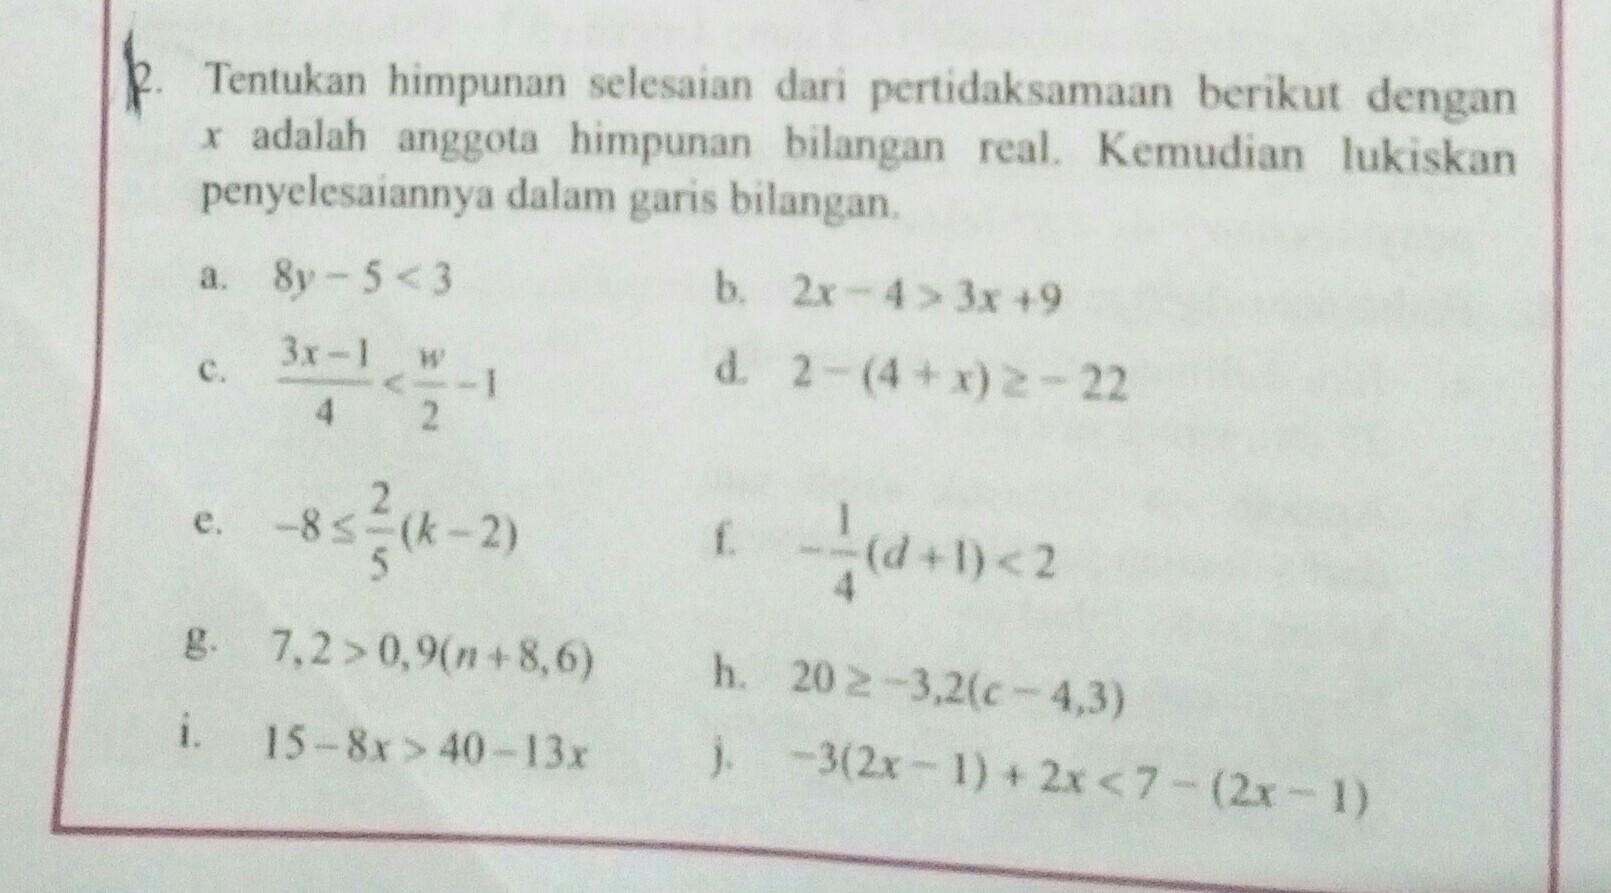 Soal Dan Pembahasan Himpunan Kelas 7